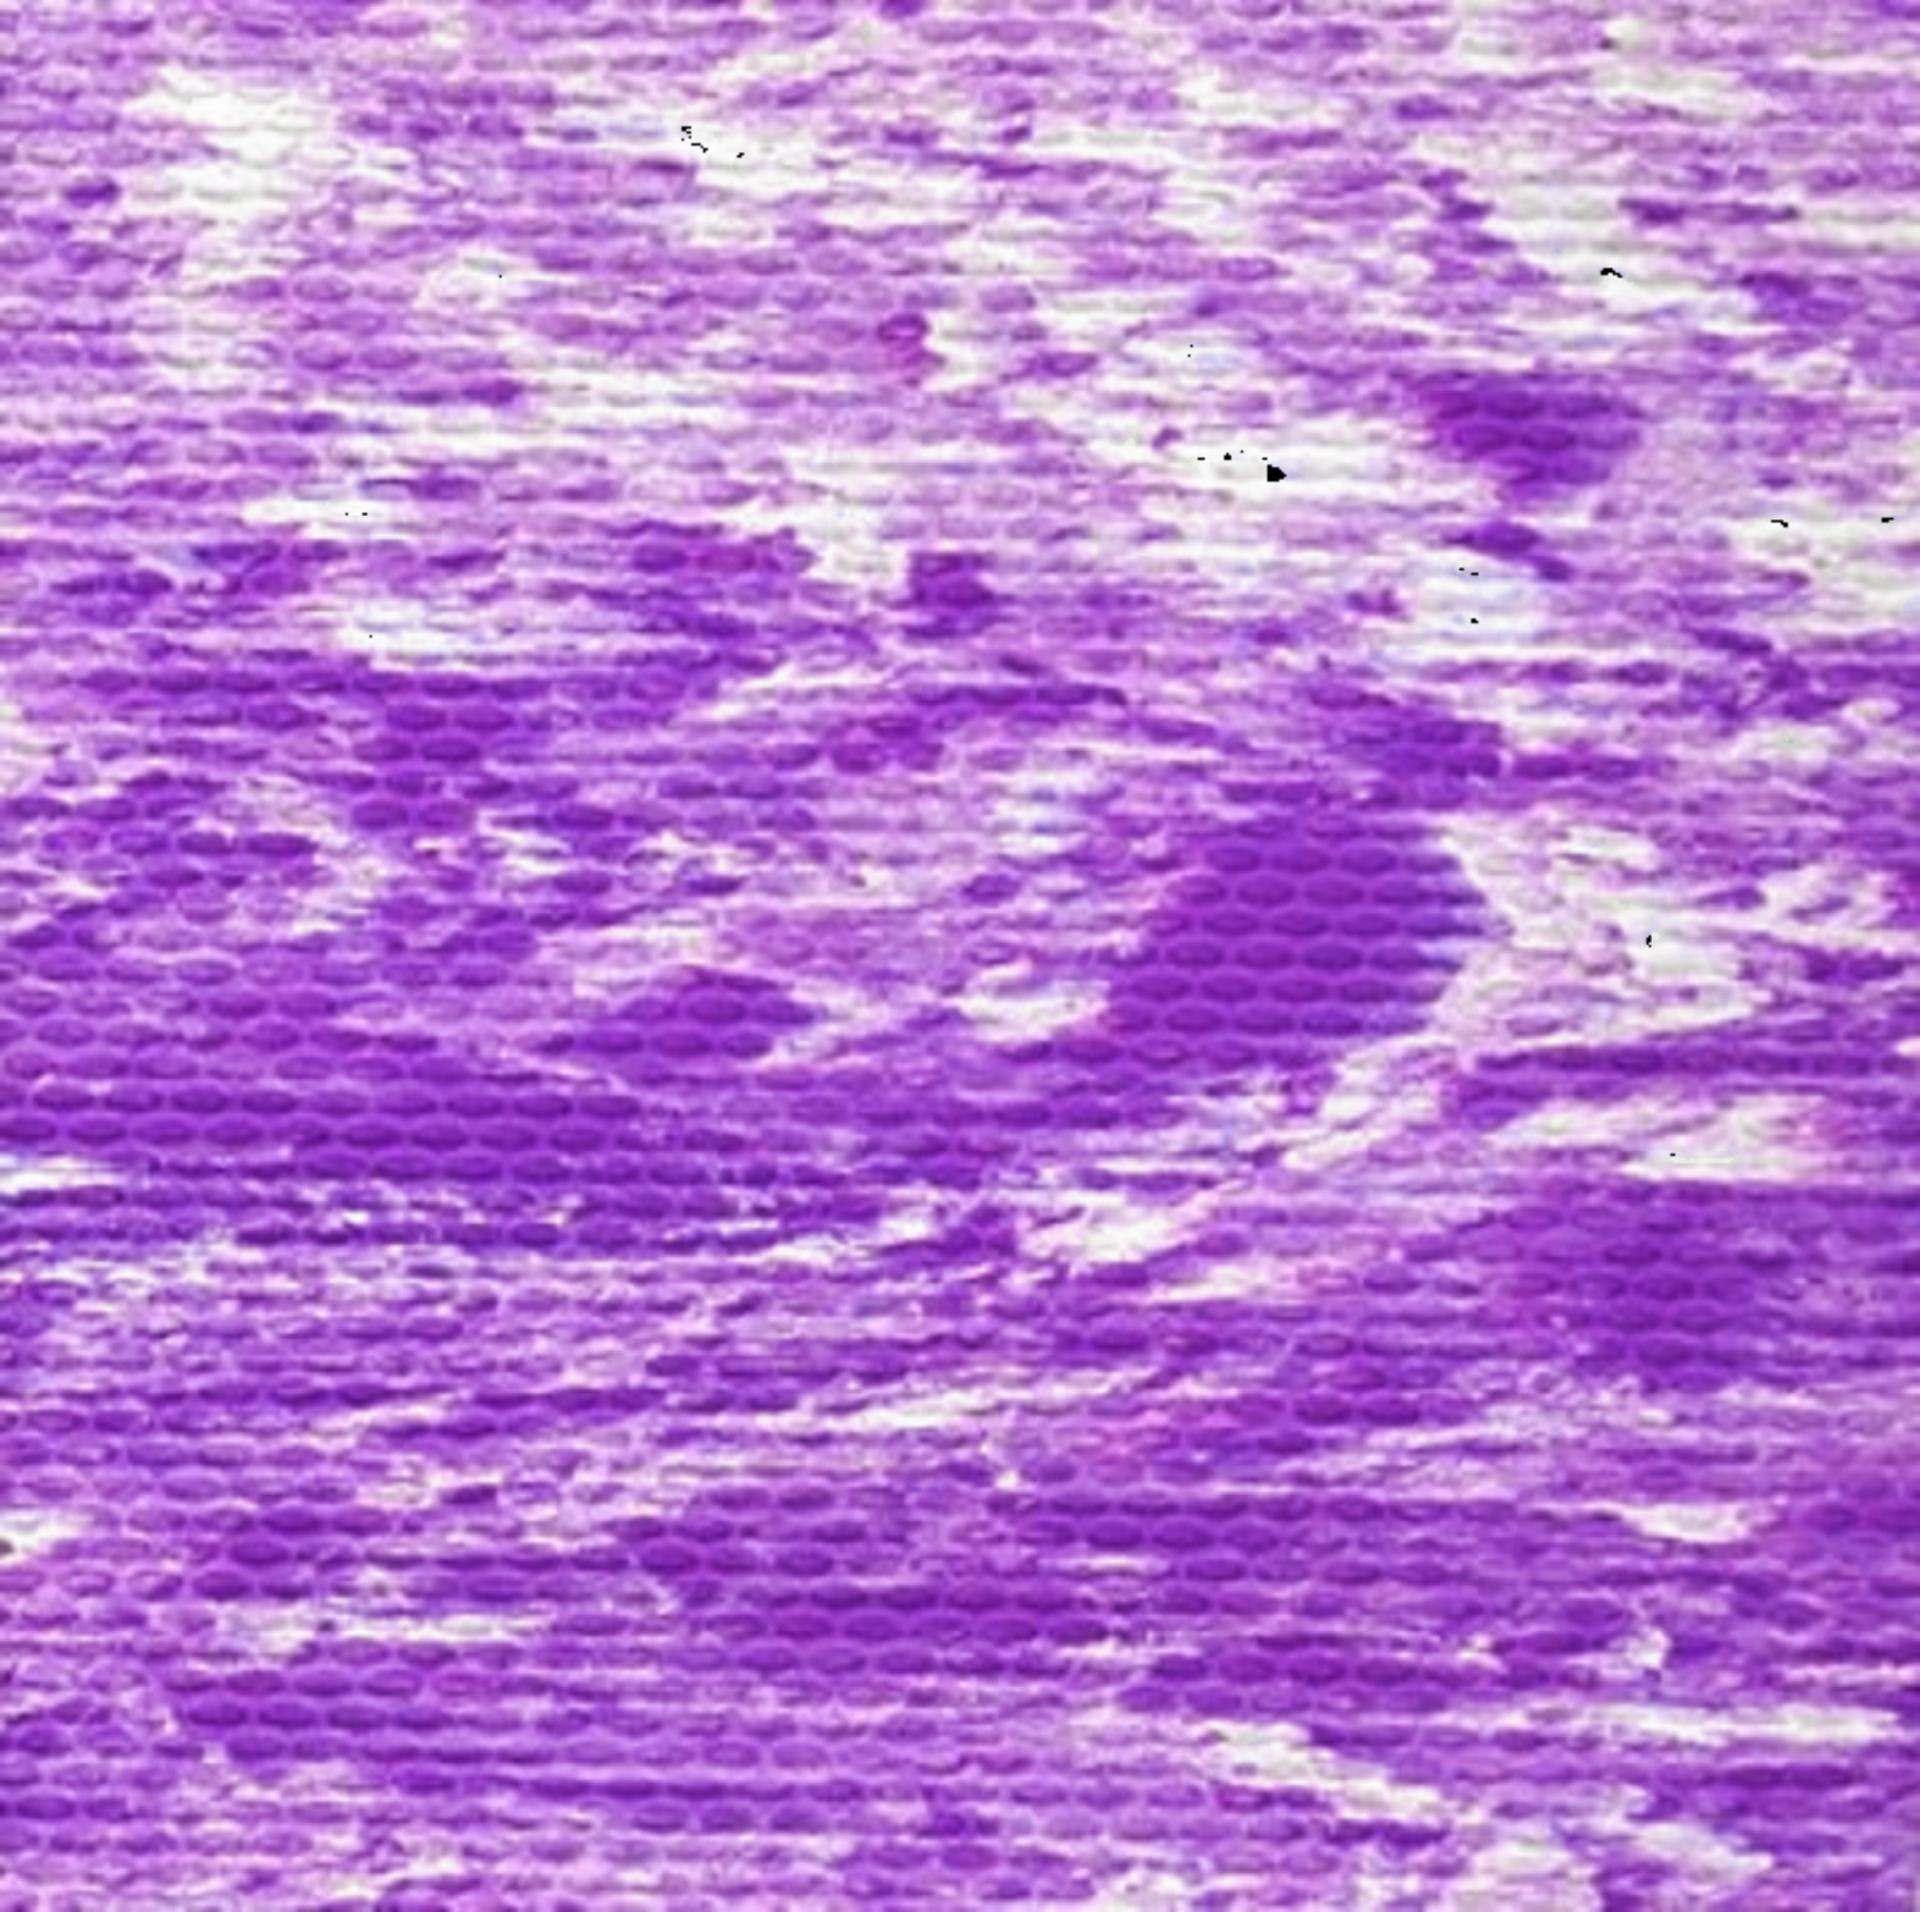 Placa de Borracha Marmorizada - 1,50 x 0,95 - 70% BORRACHA